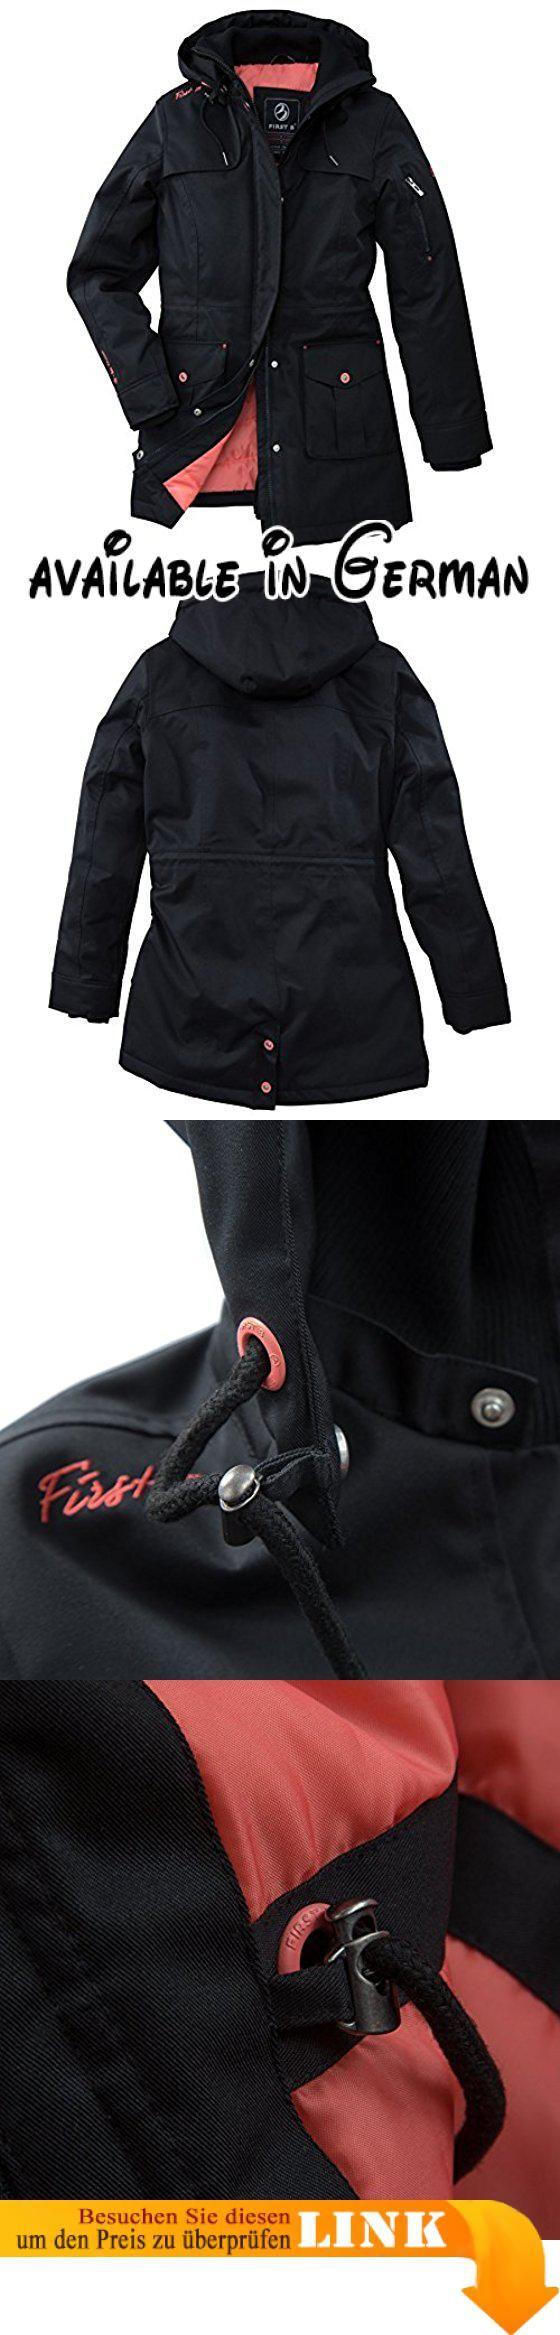 Jacken marke mit b